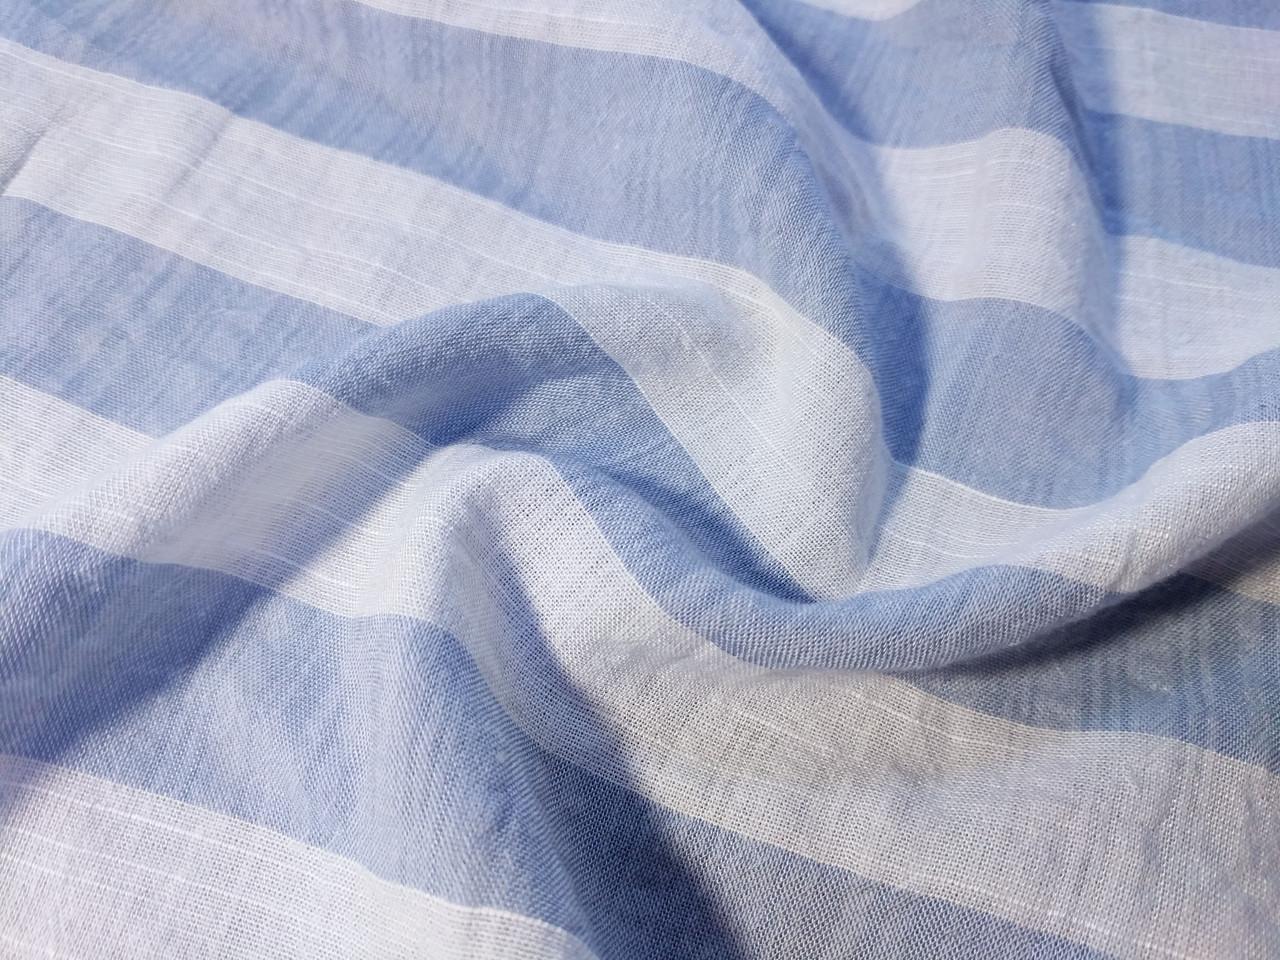 Коттон штапель полоска 25 мм, молочный с голубым